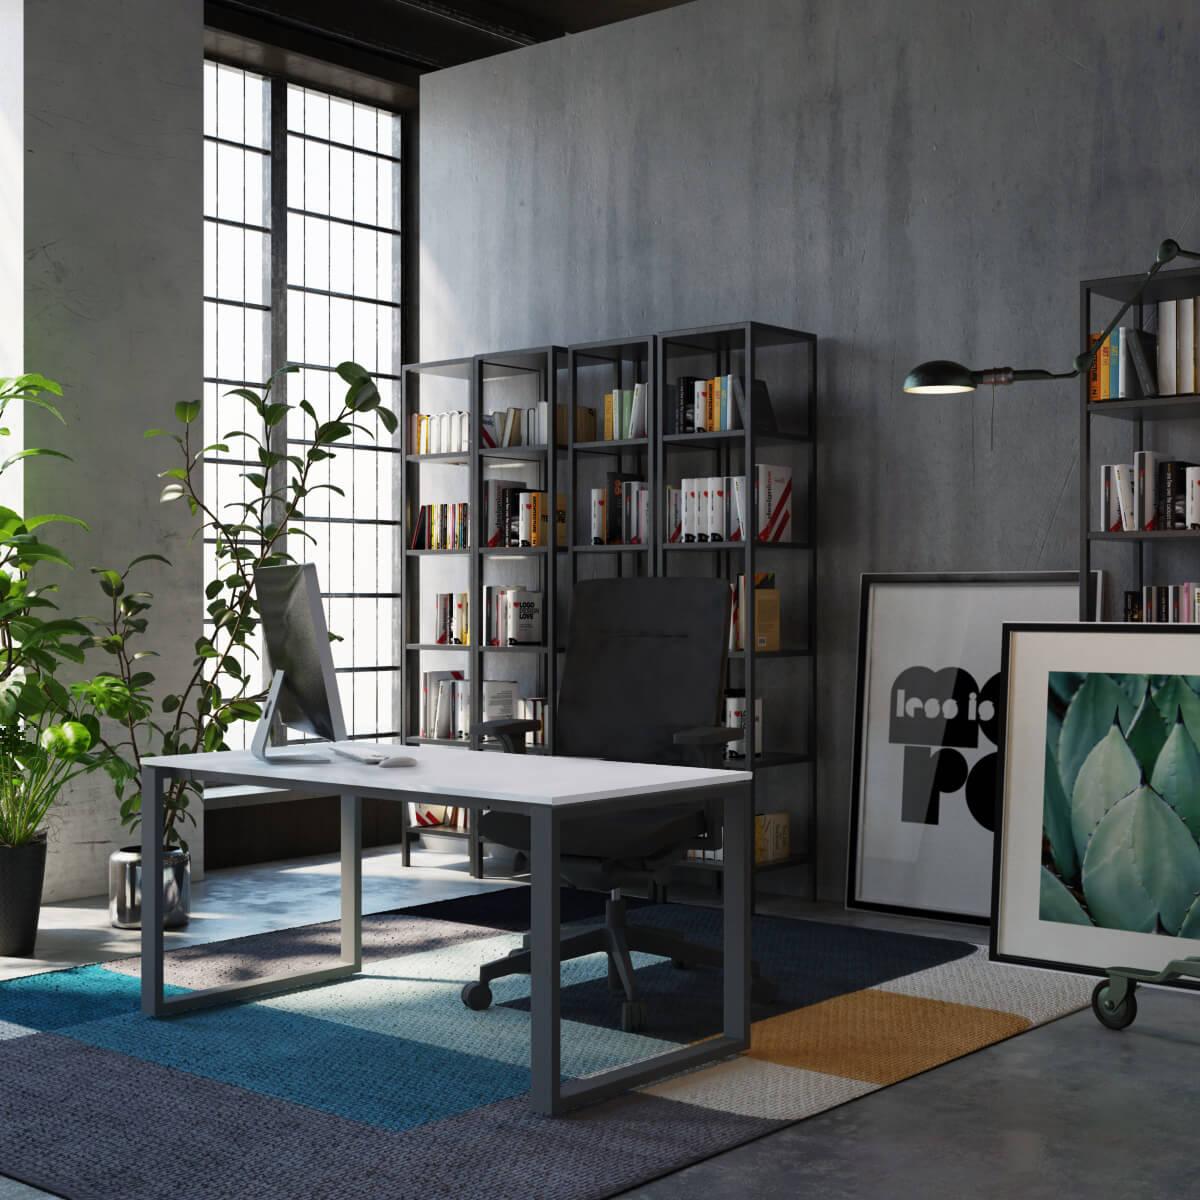 biuro z eleganckim biurkiem, metalowymi regałami i wysokimi oknami